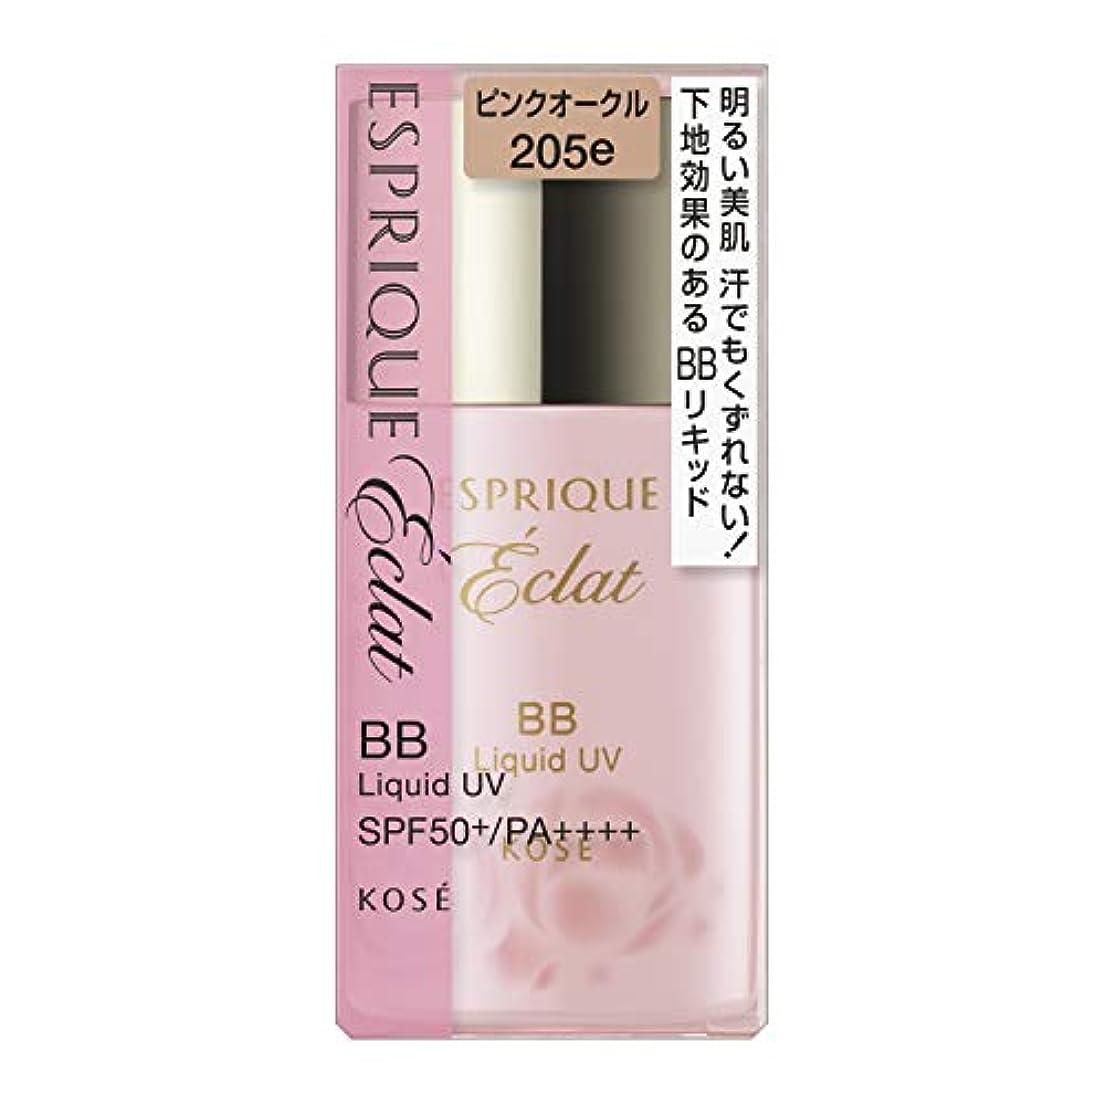 パフ食べるシャッターエスプリーク エクラ 明るさ持続 BB リキッド UV PO205e ピンクオークル 30g